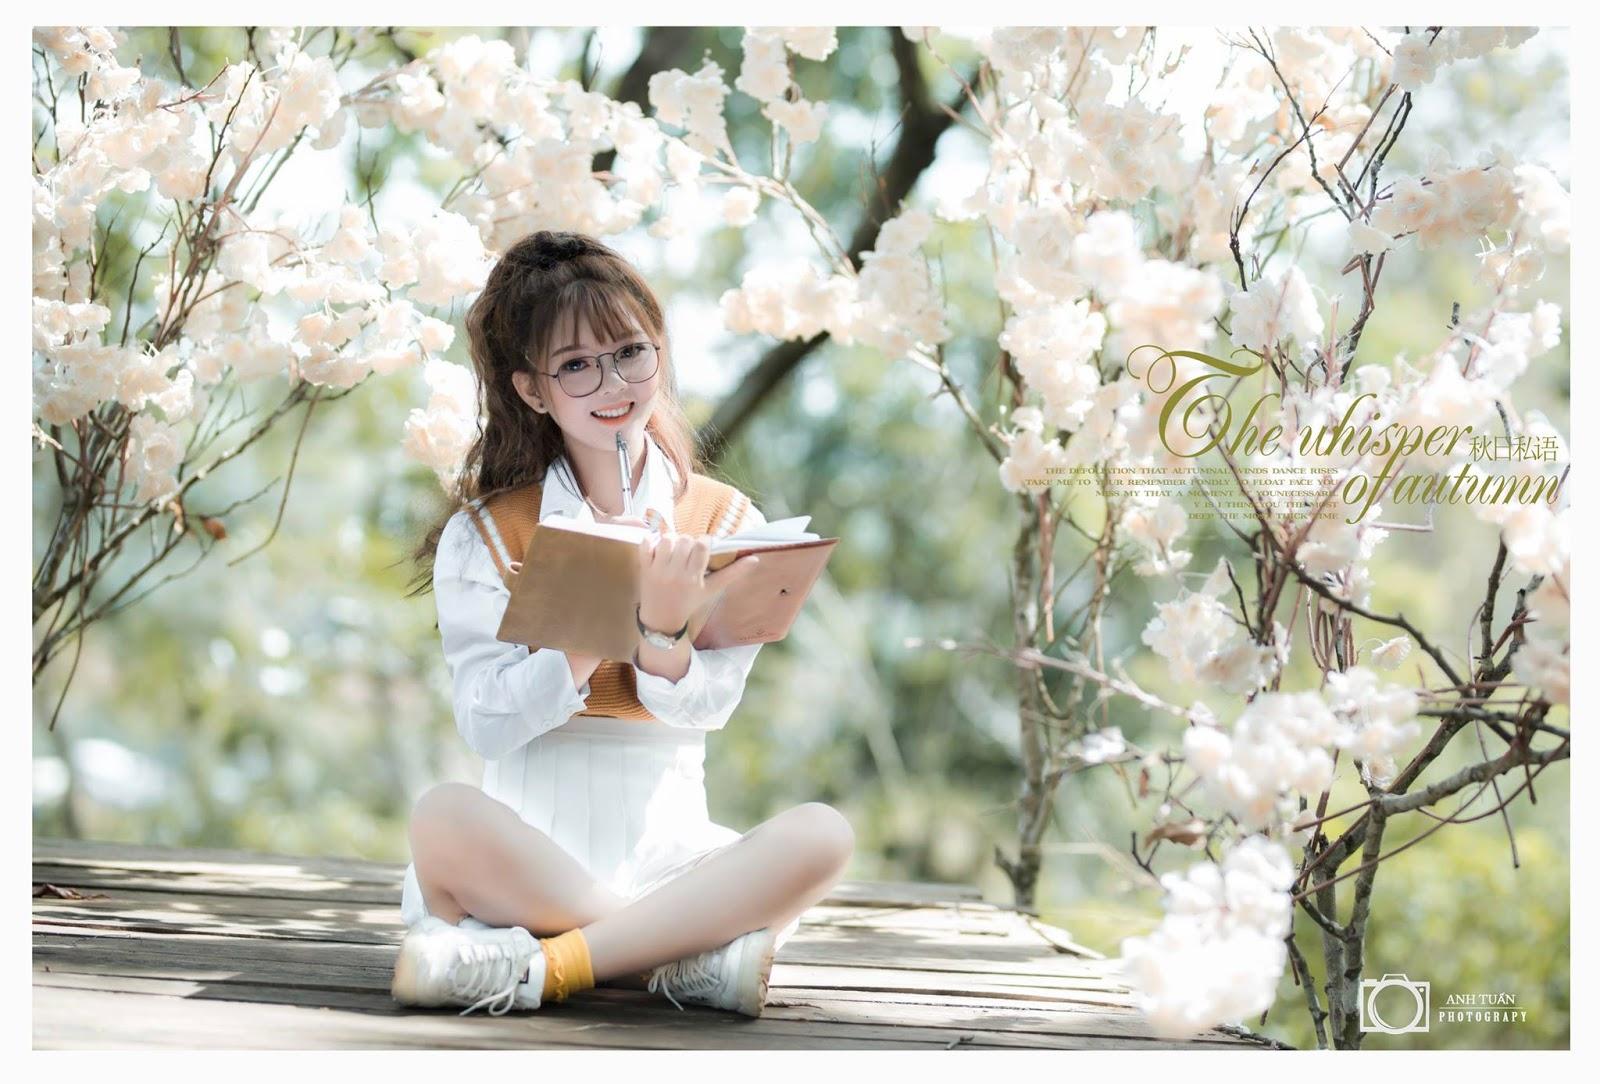 Văn Long Blog Stock Em Gái Cute RAW Đồ Họa Stock Tài Nguyên  RAW Mẫu Xinh Cute CR2